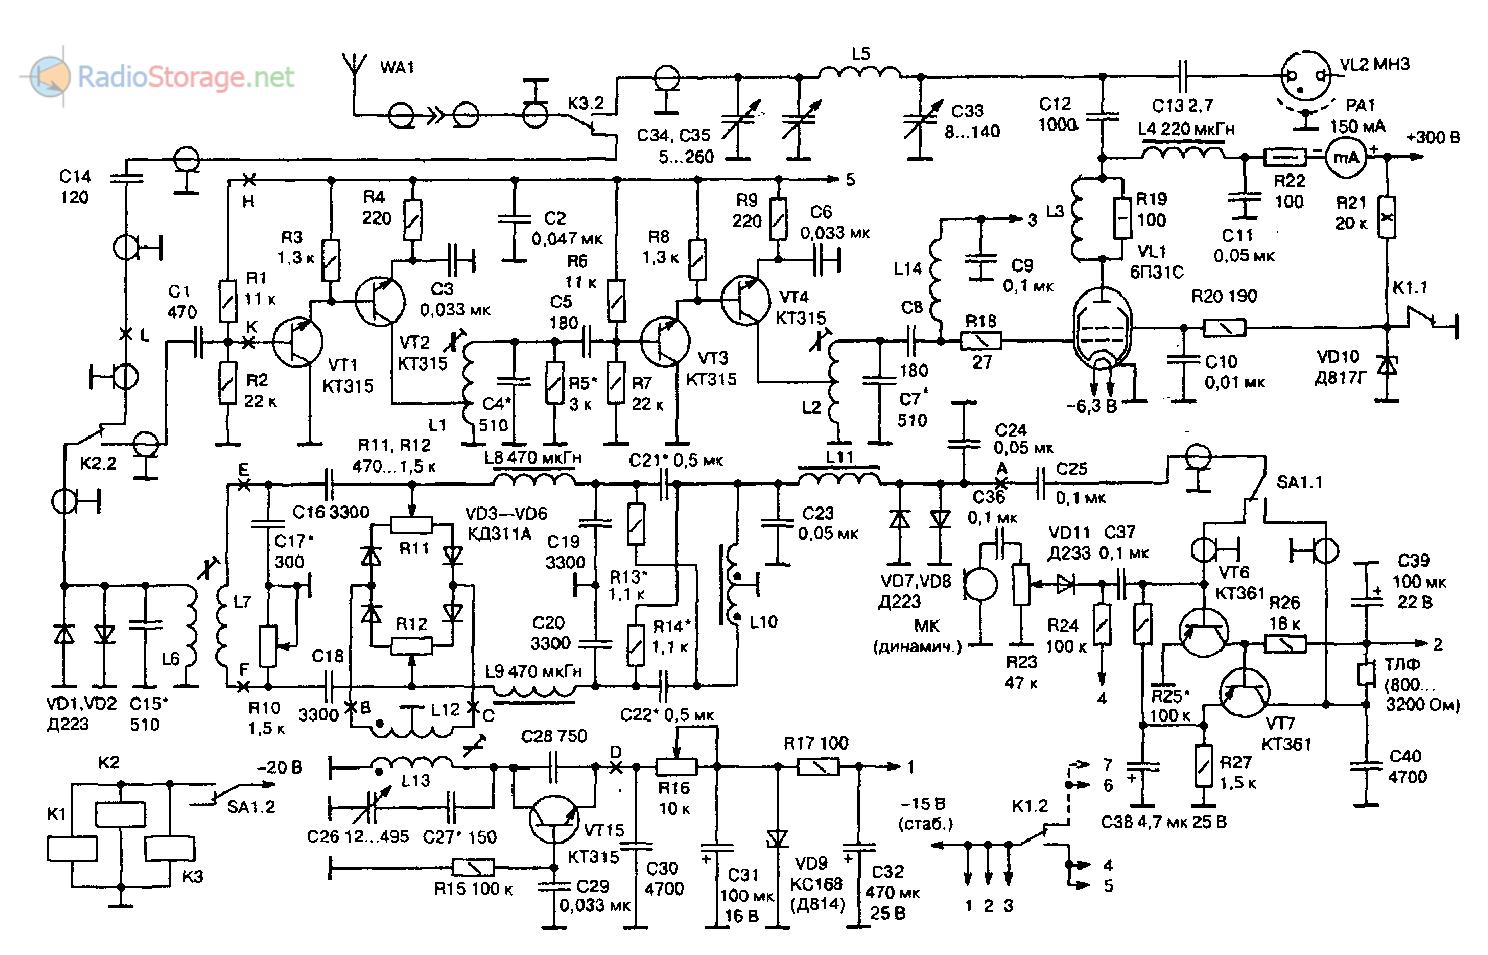 простая схема самодельной радиостанции на лампах